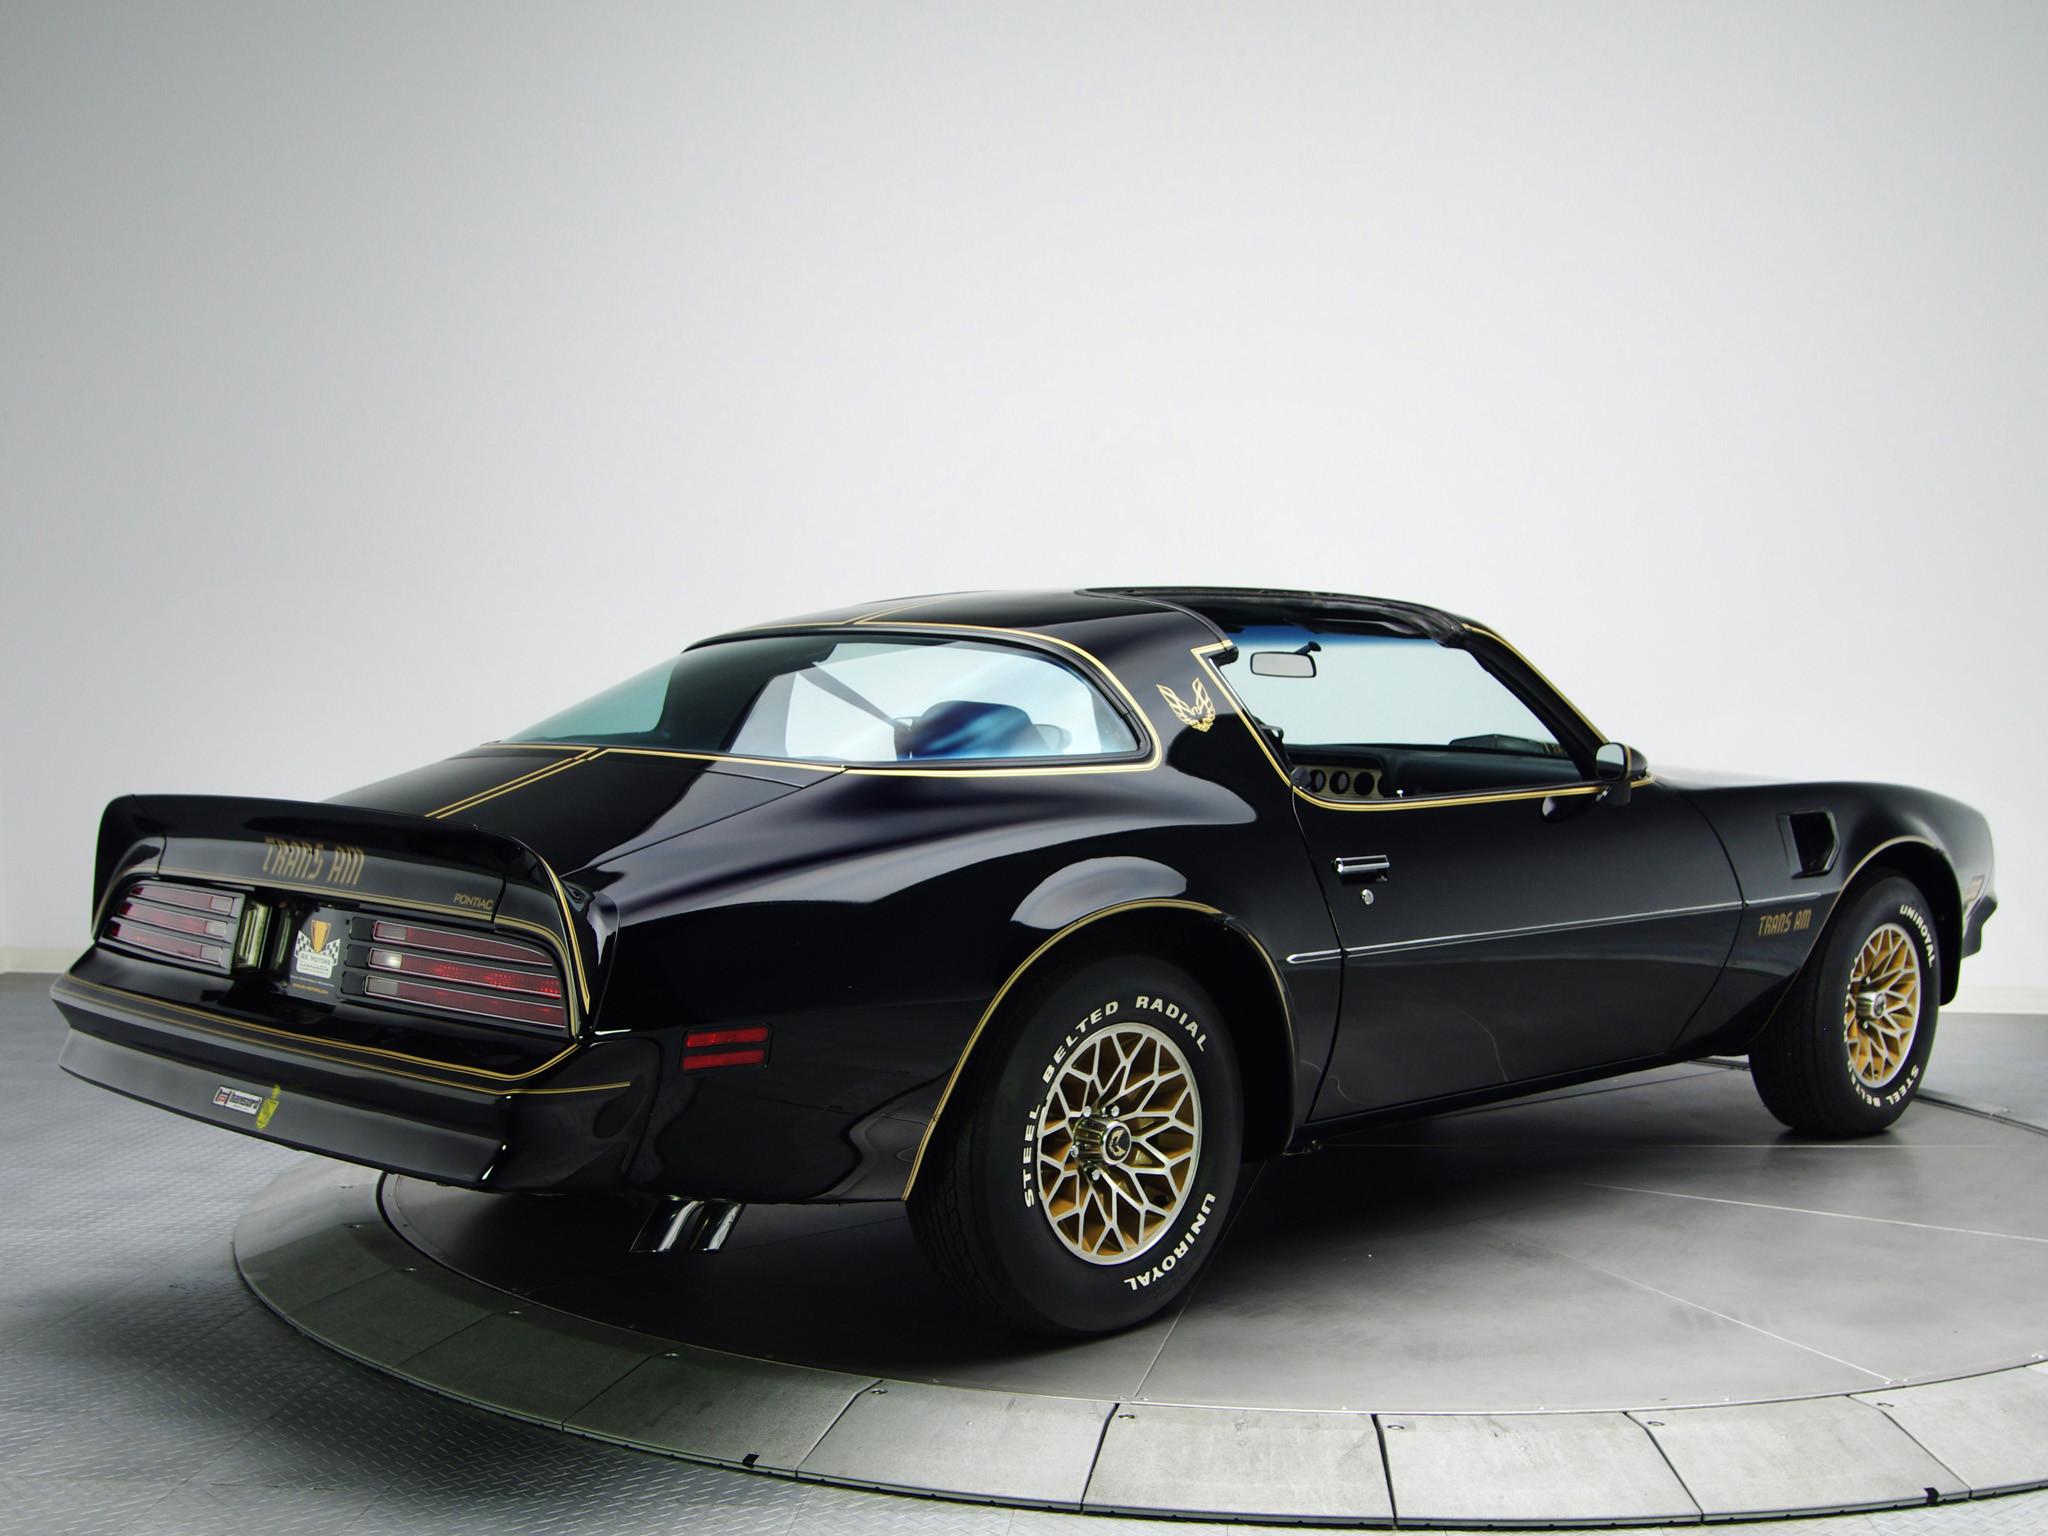 1978 Pontiac Firebird Trans-Am T -A 6-6 W72 trans a-m classic muscle g  wallpaper | | 94046 | WallpaperUP